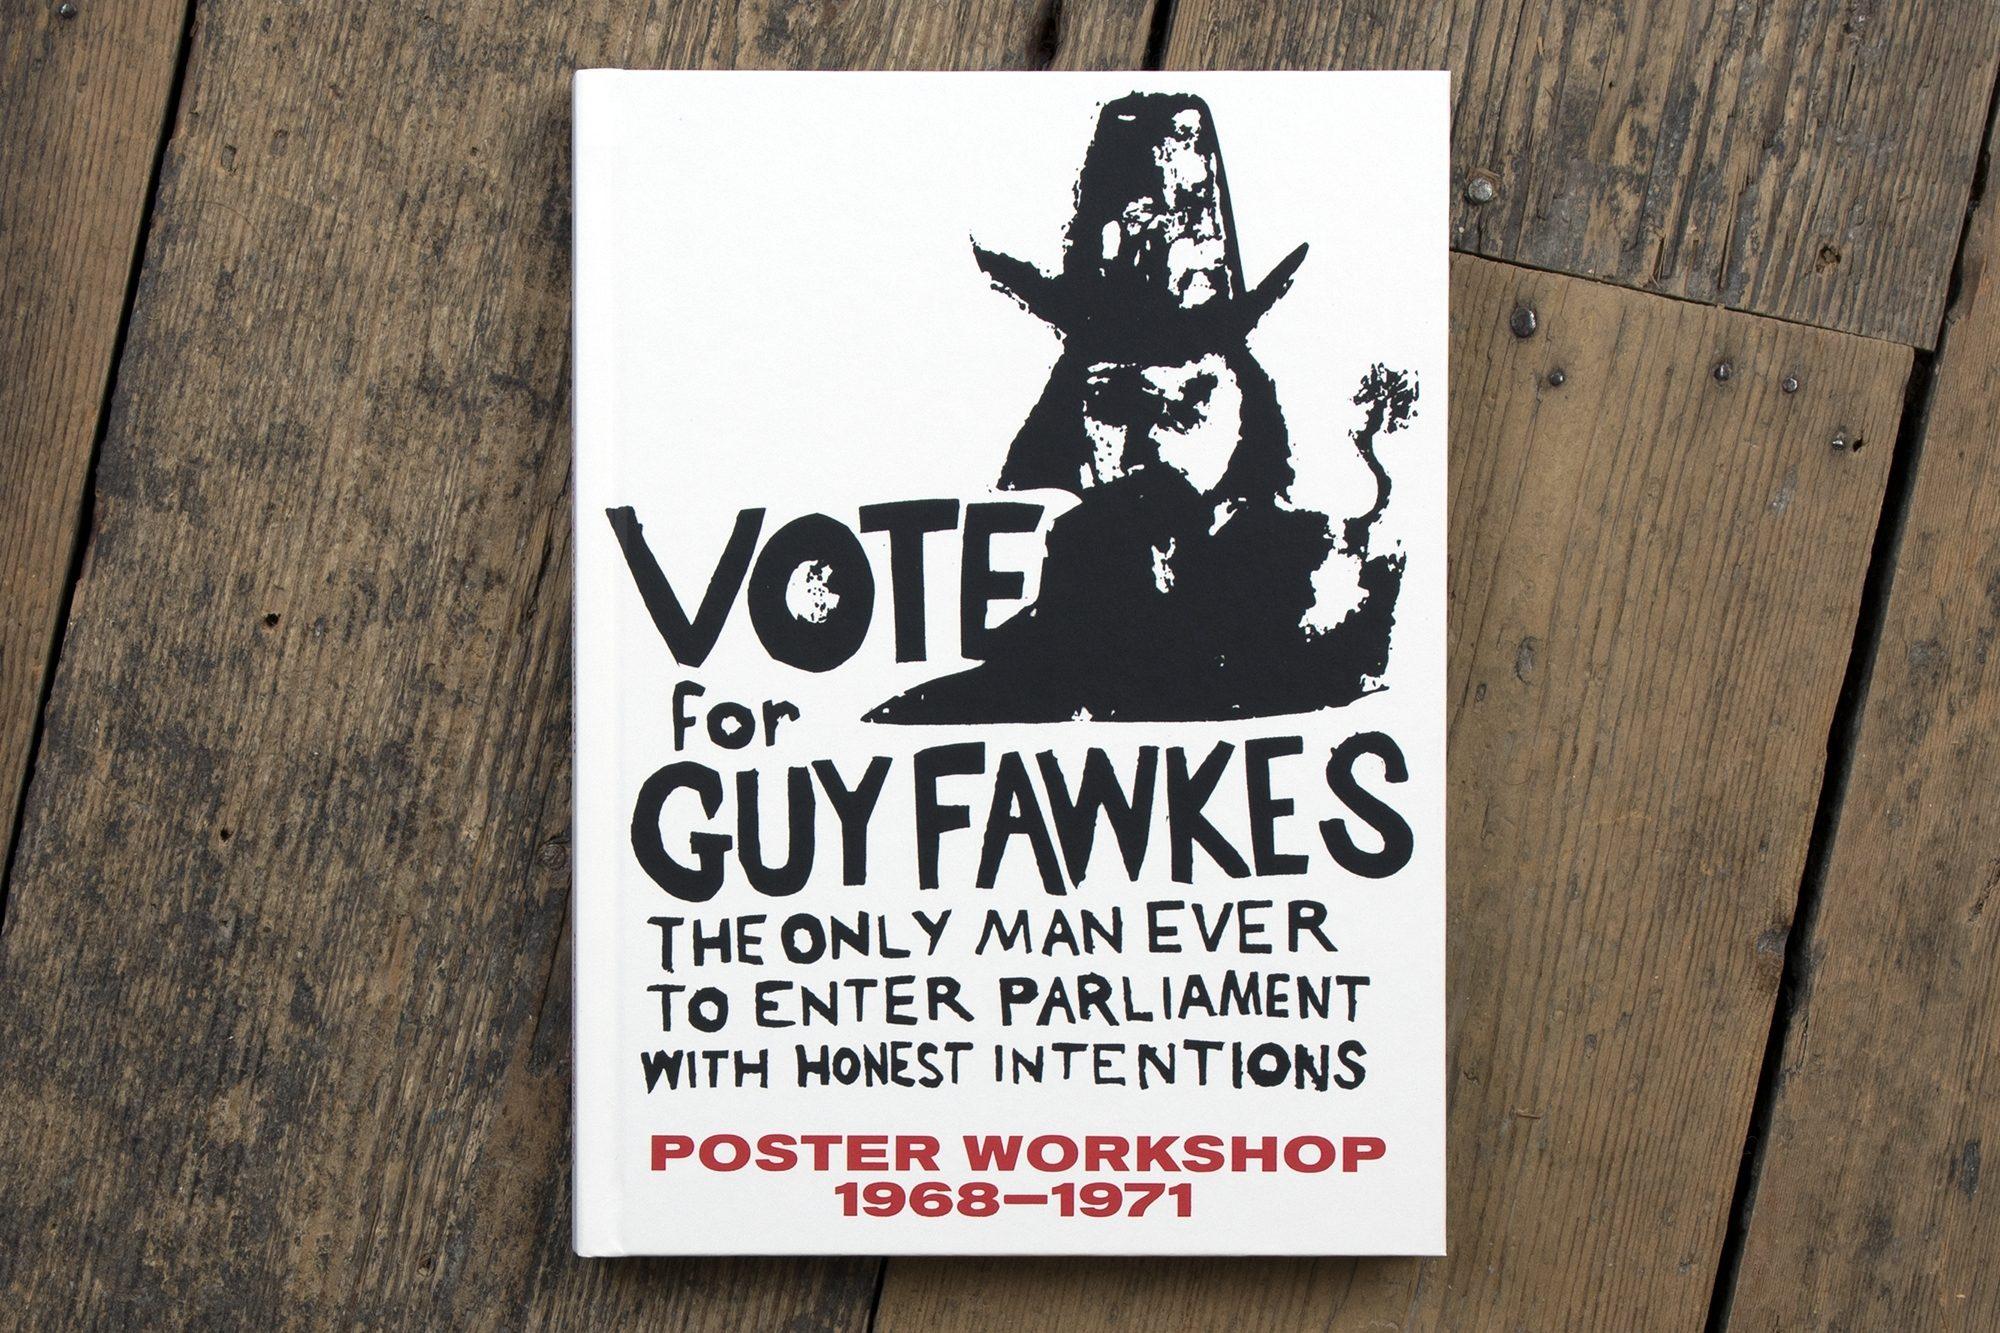 Poster Workshop Floorboards Cover1